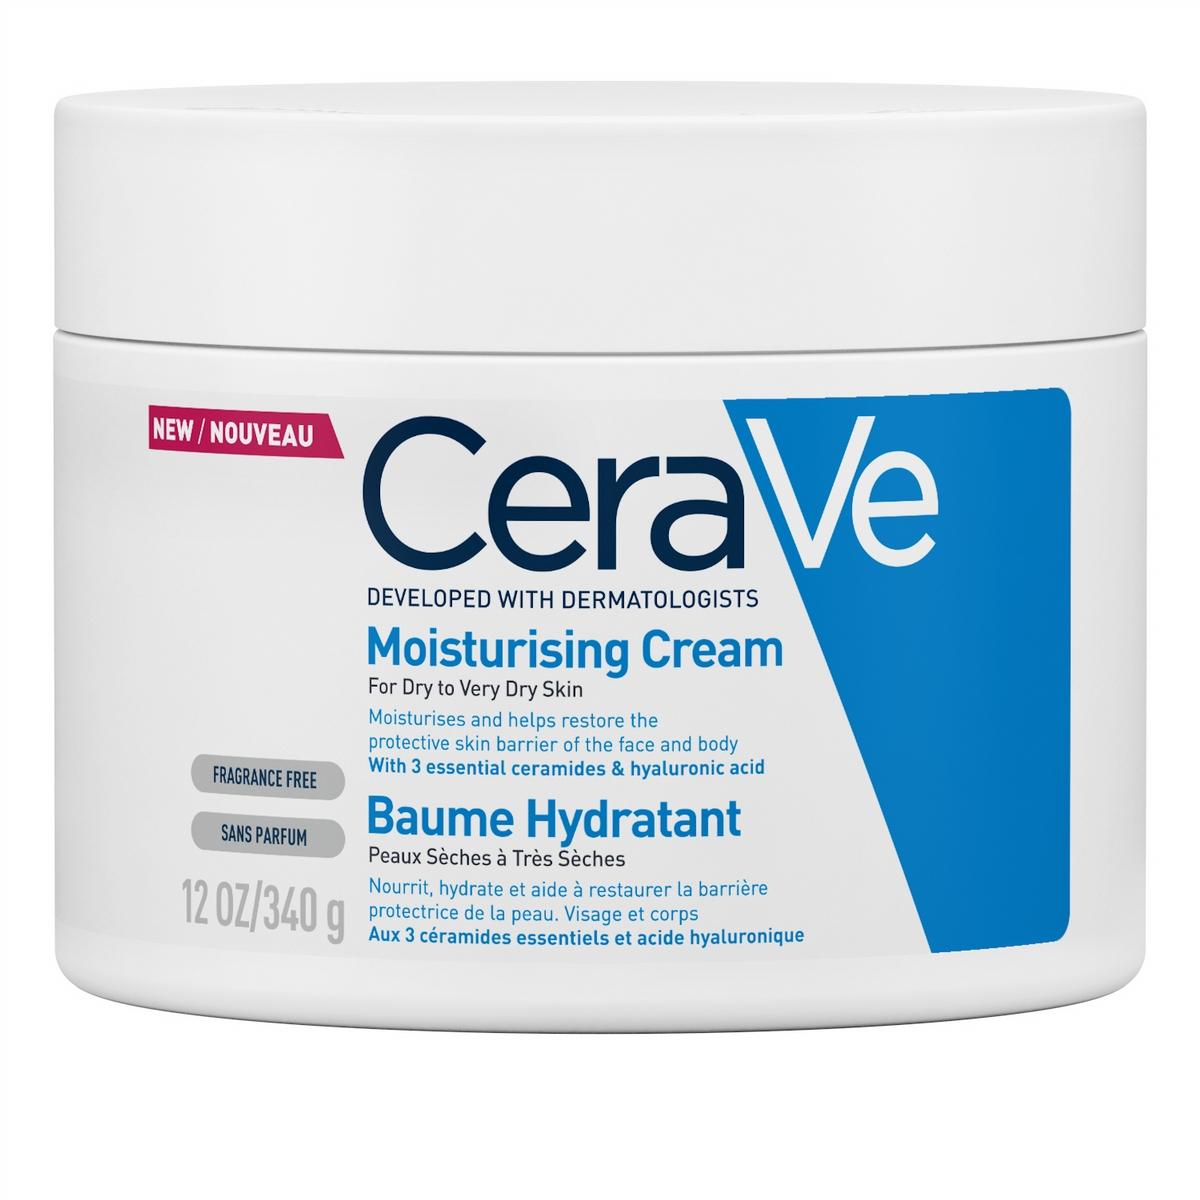 敏感肌膚又有福了~美國醫美品牌CeraVe 2018年六月正式登台囉~